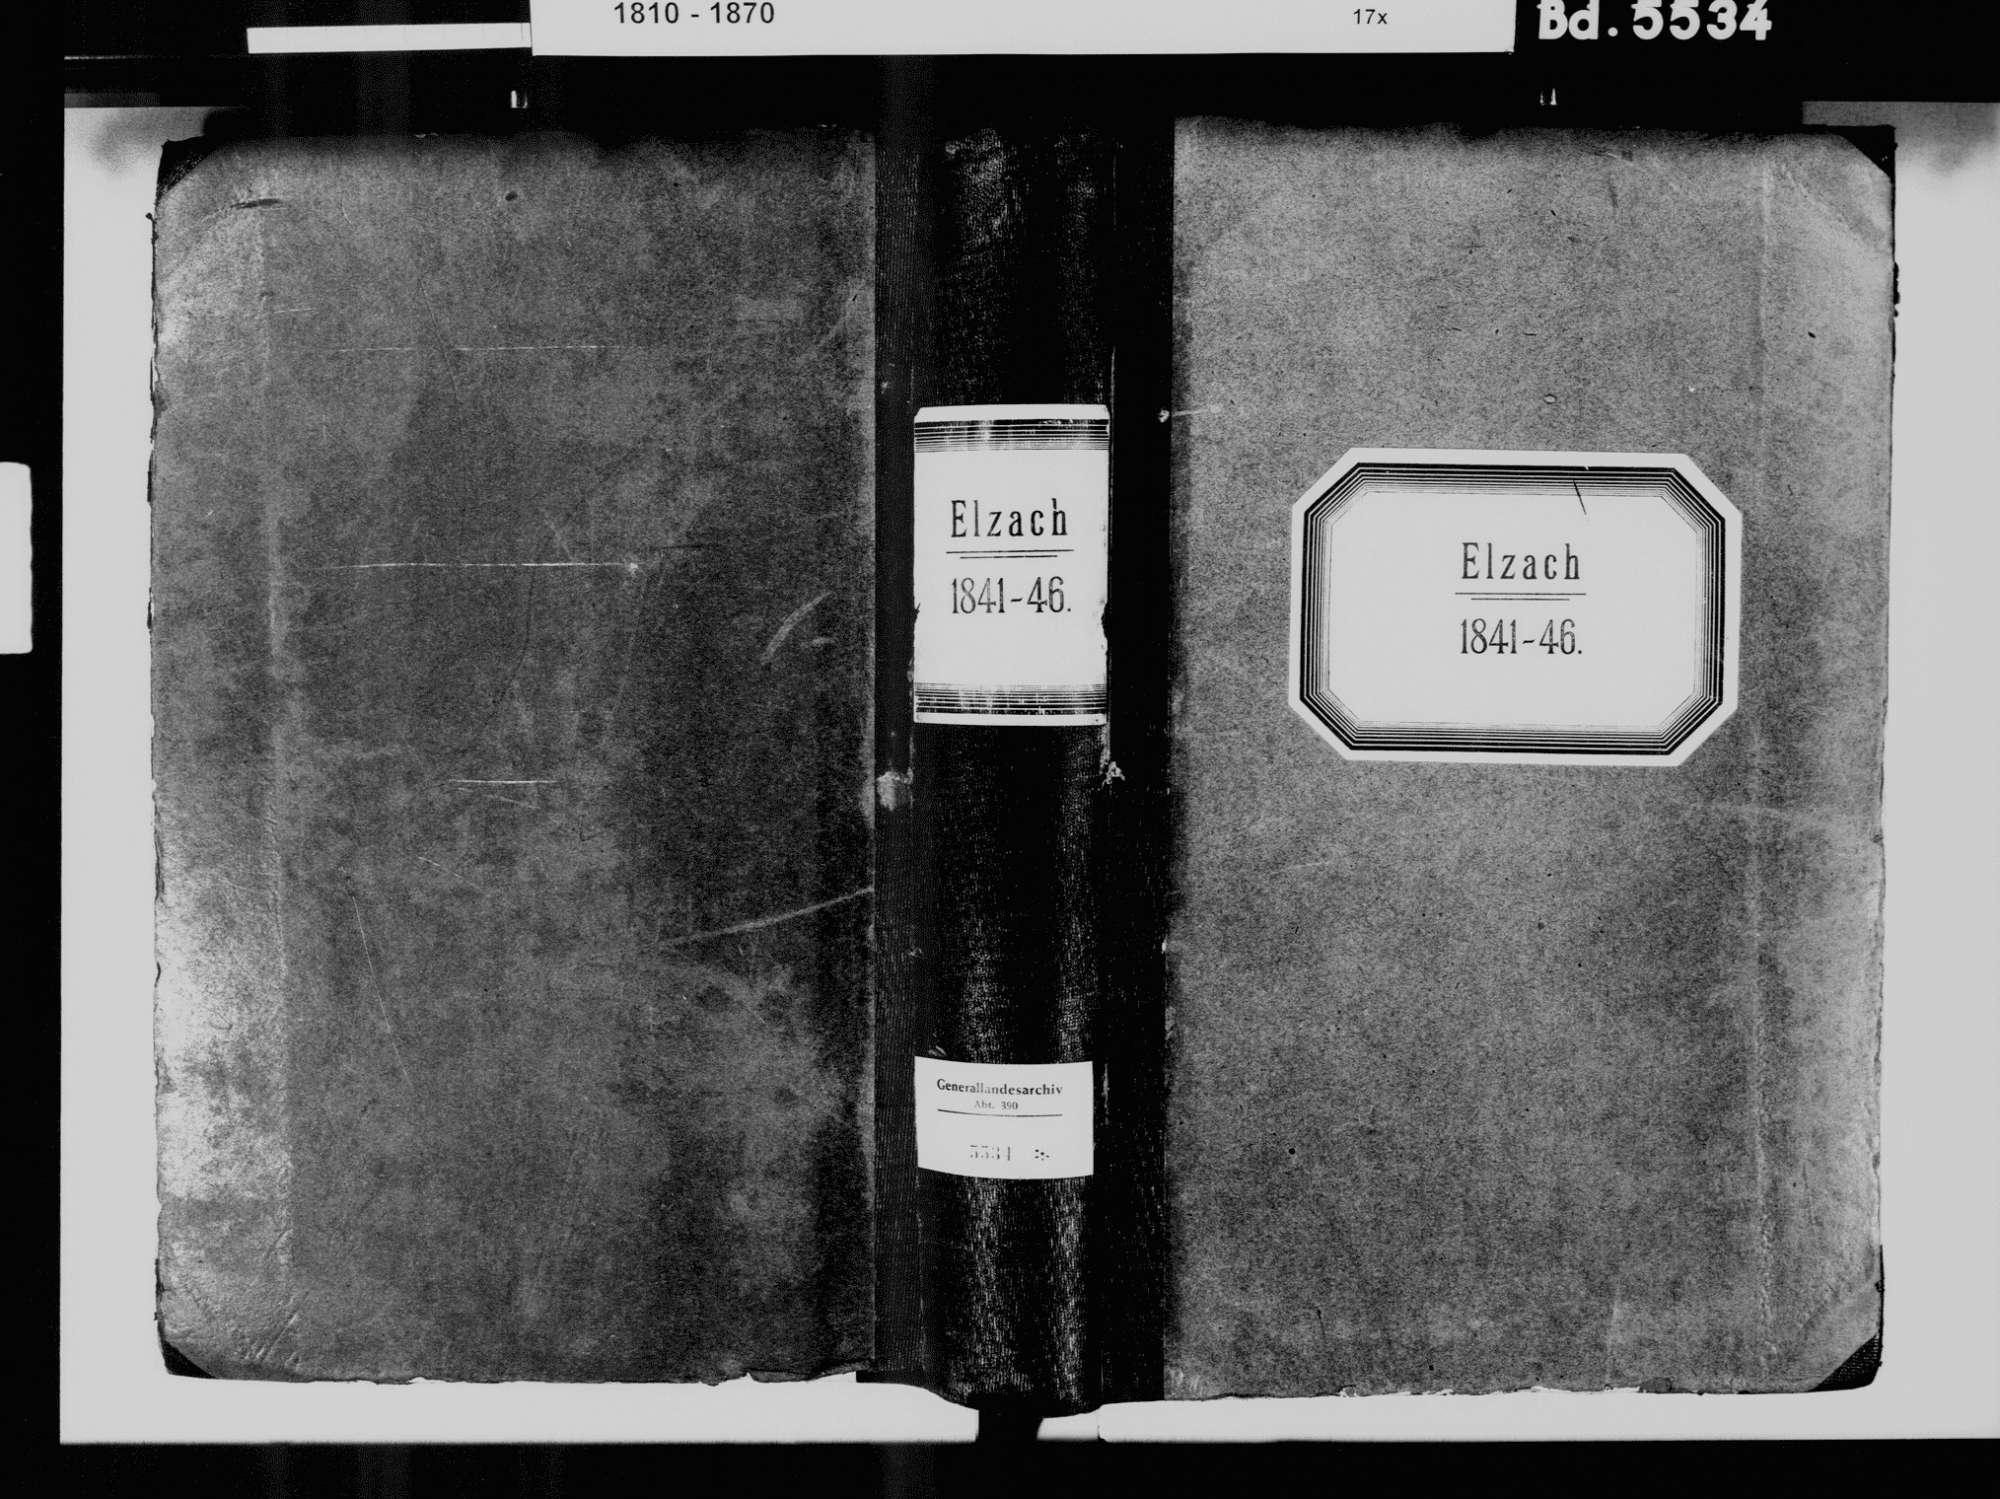 Elzach EM; Katholische Gemeinde: Standesbuch 1841-1846, Bild 2